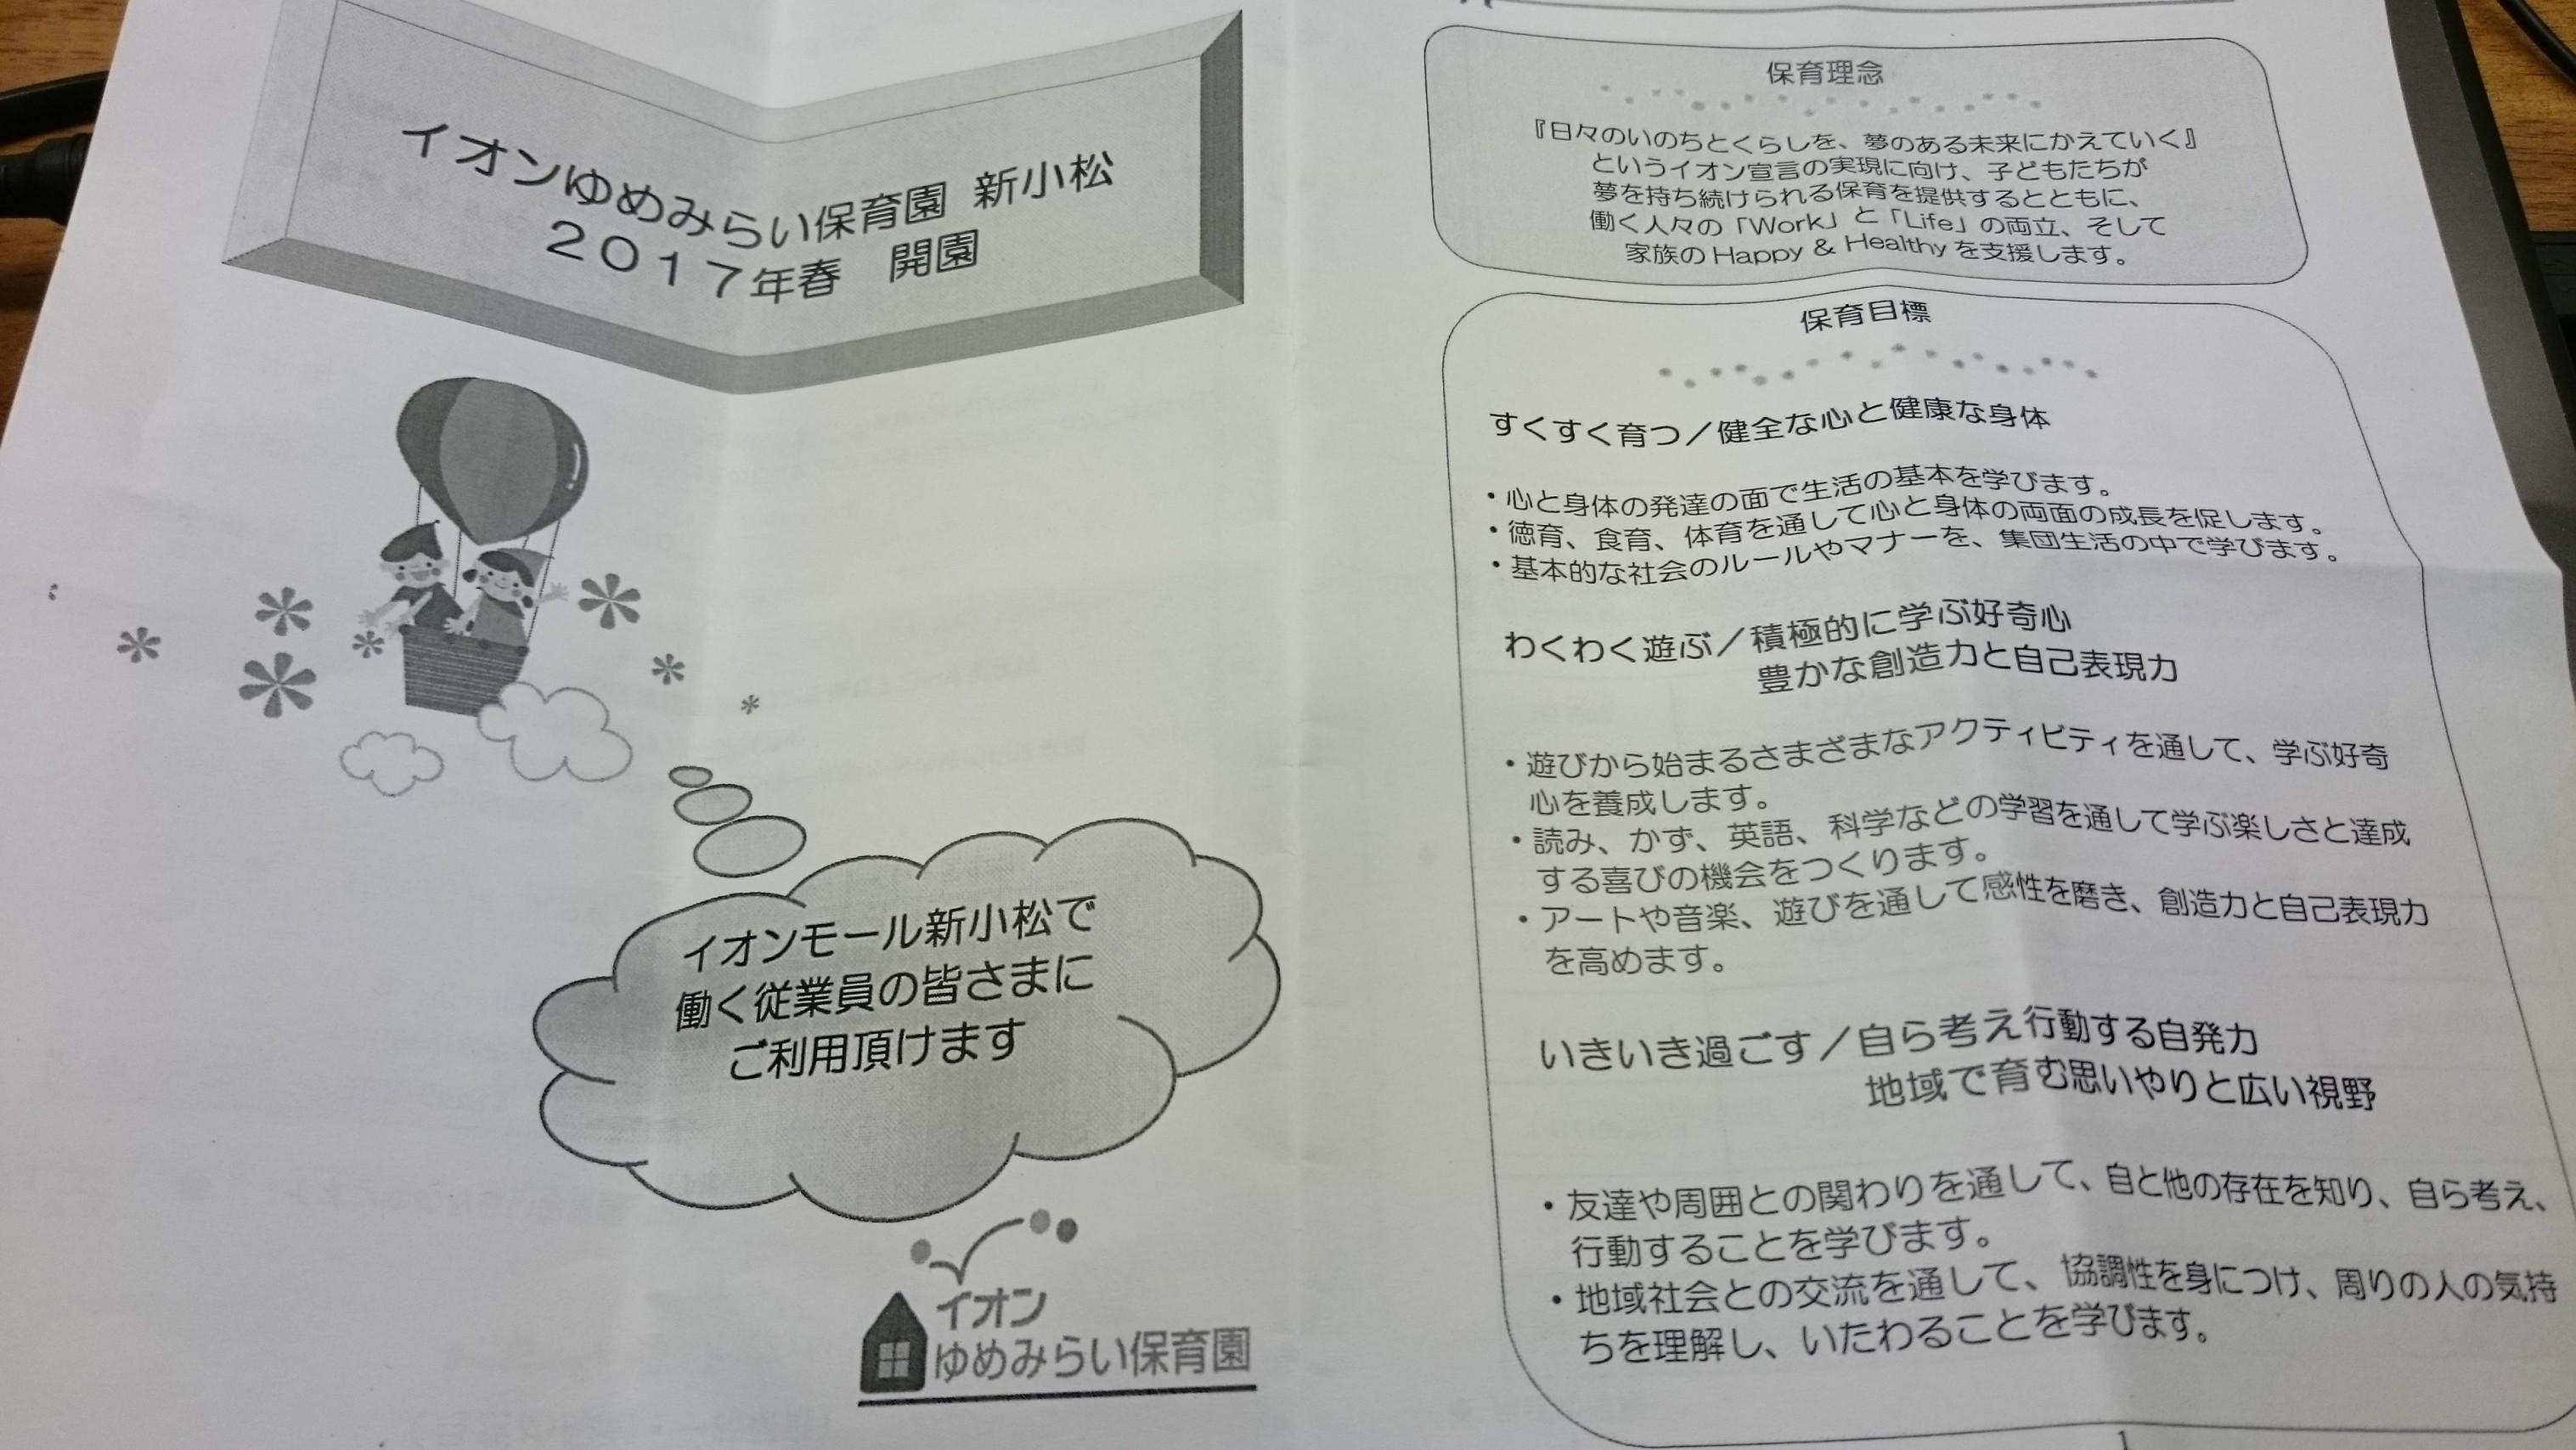 moblog_4b8e4a06.jpg